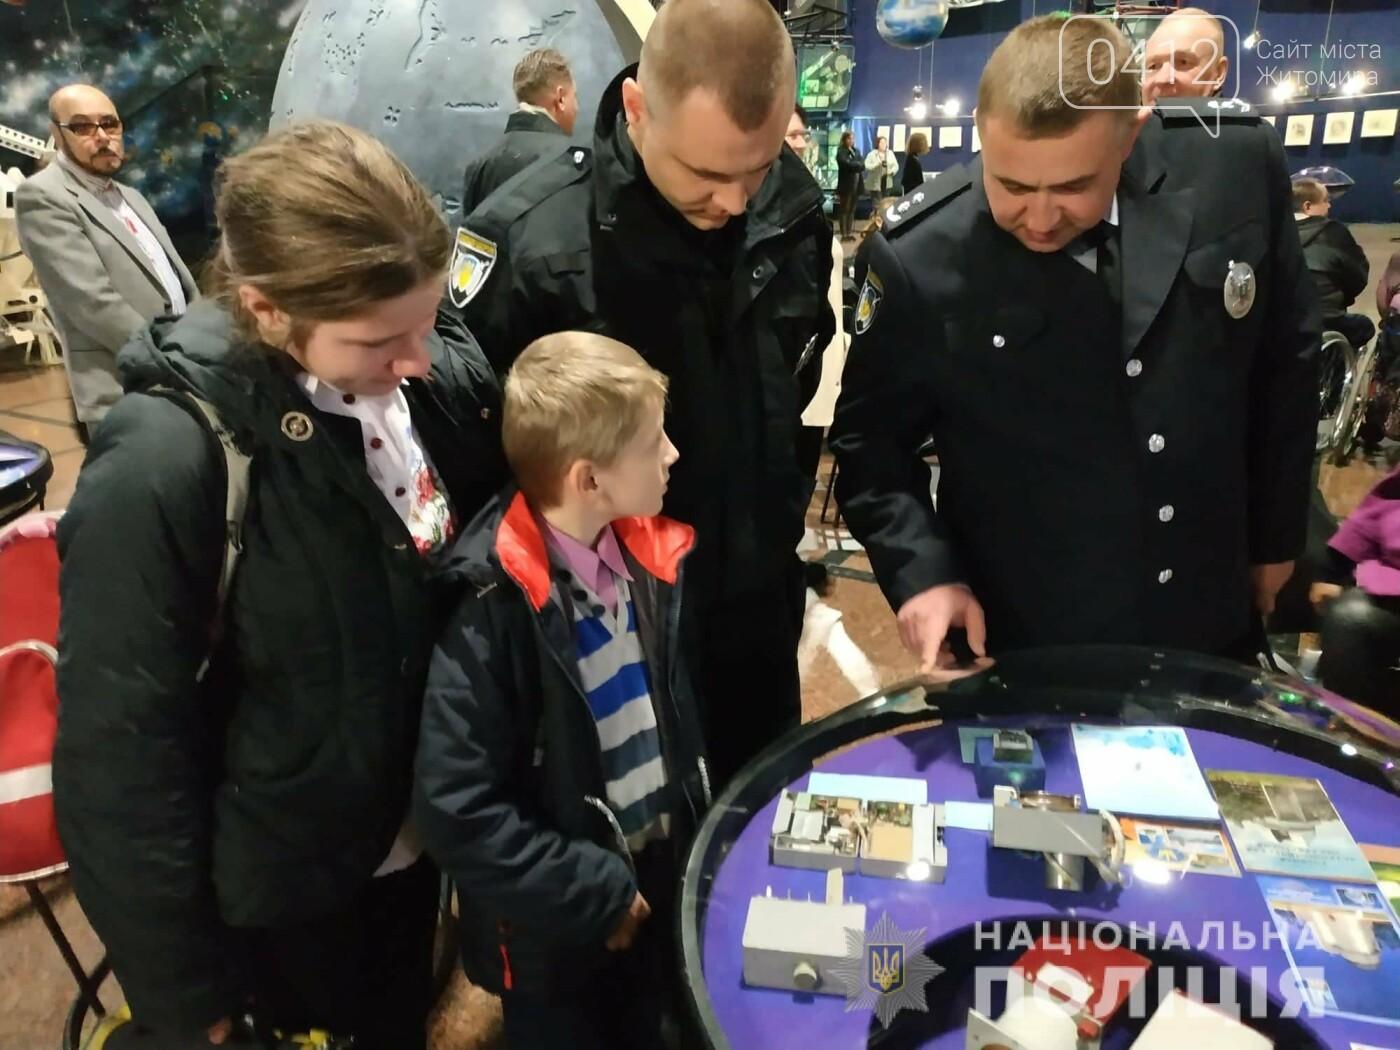 Поліцейські Житомирщини запросили на «космічну екскурсію» до музею , фото-3